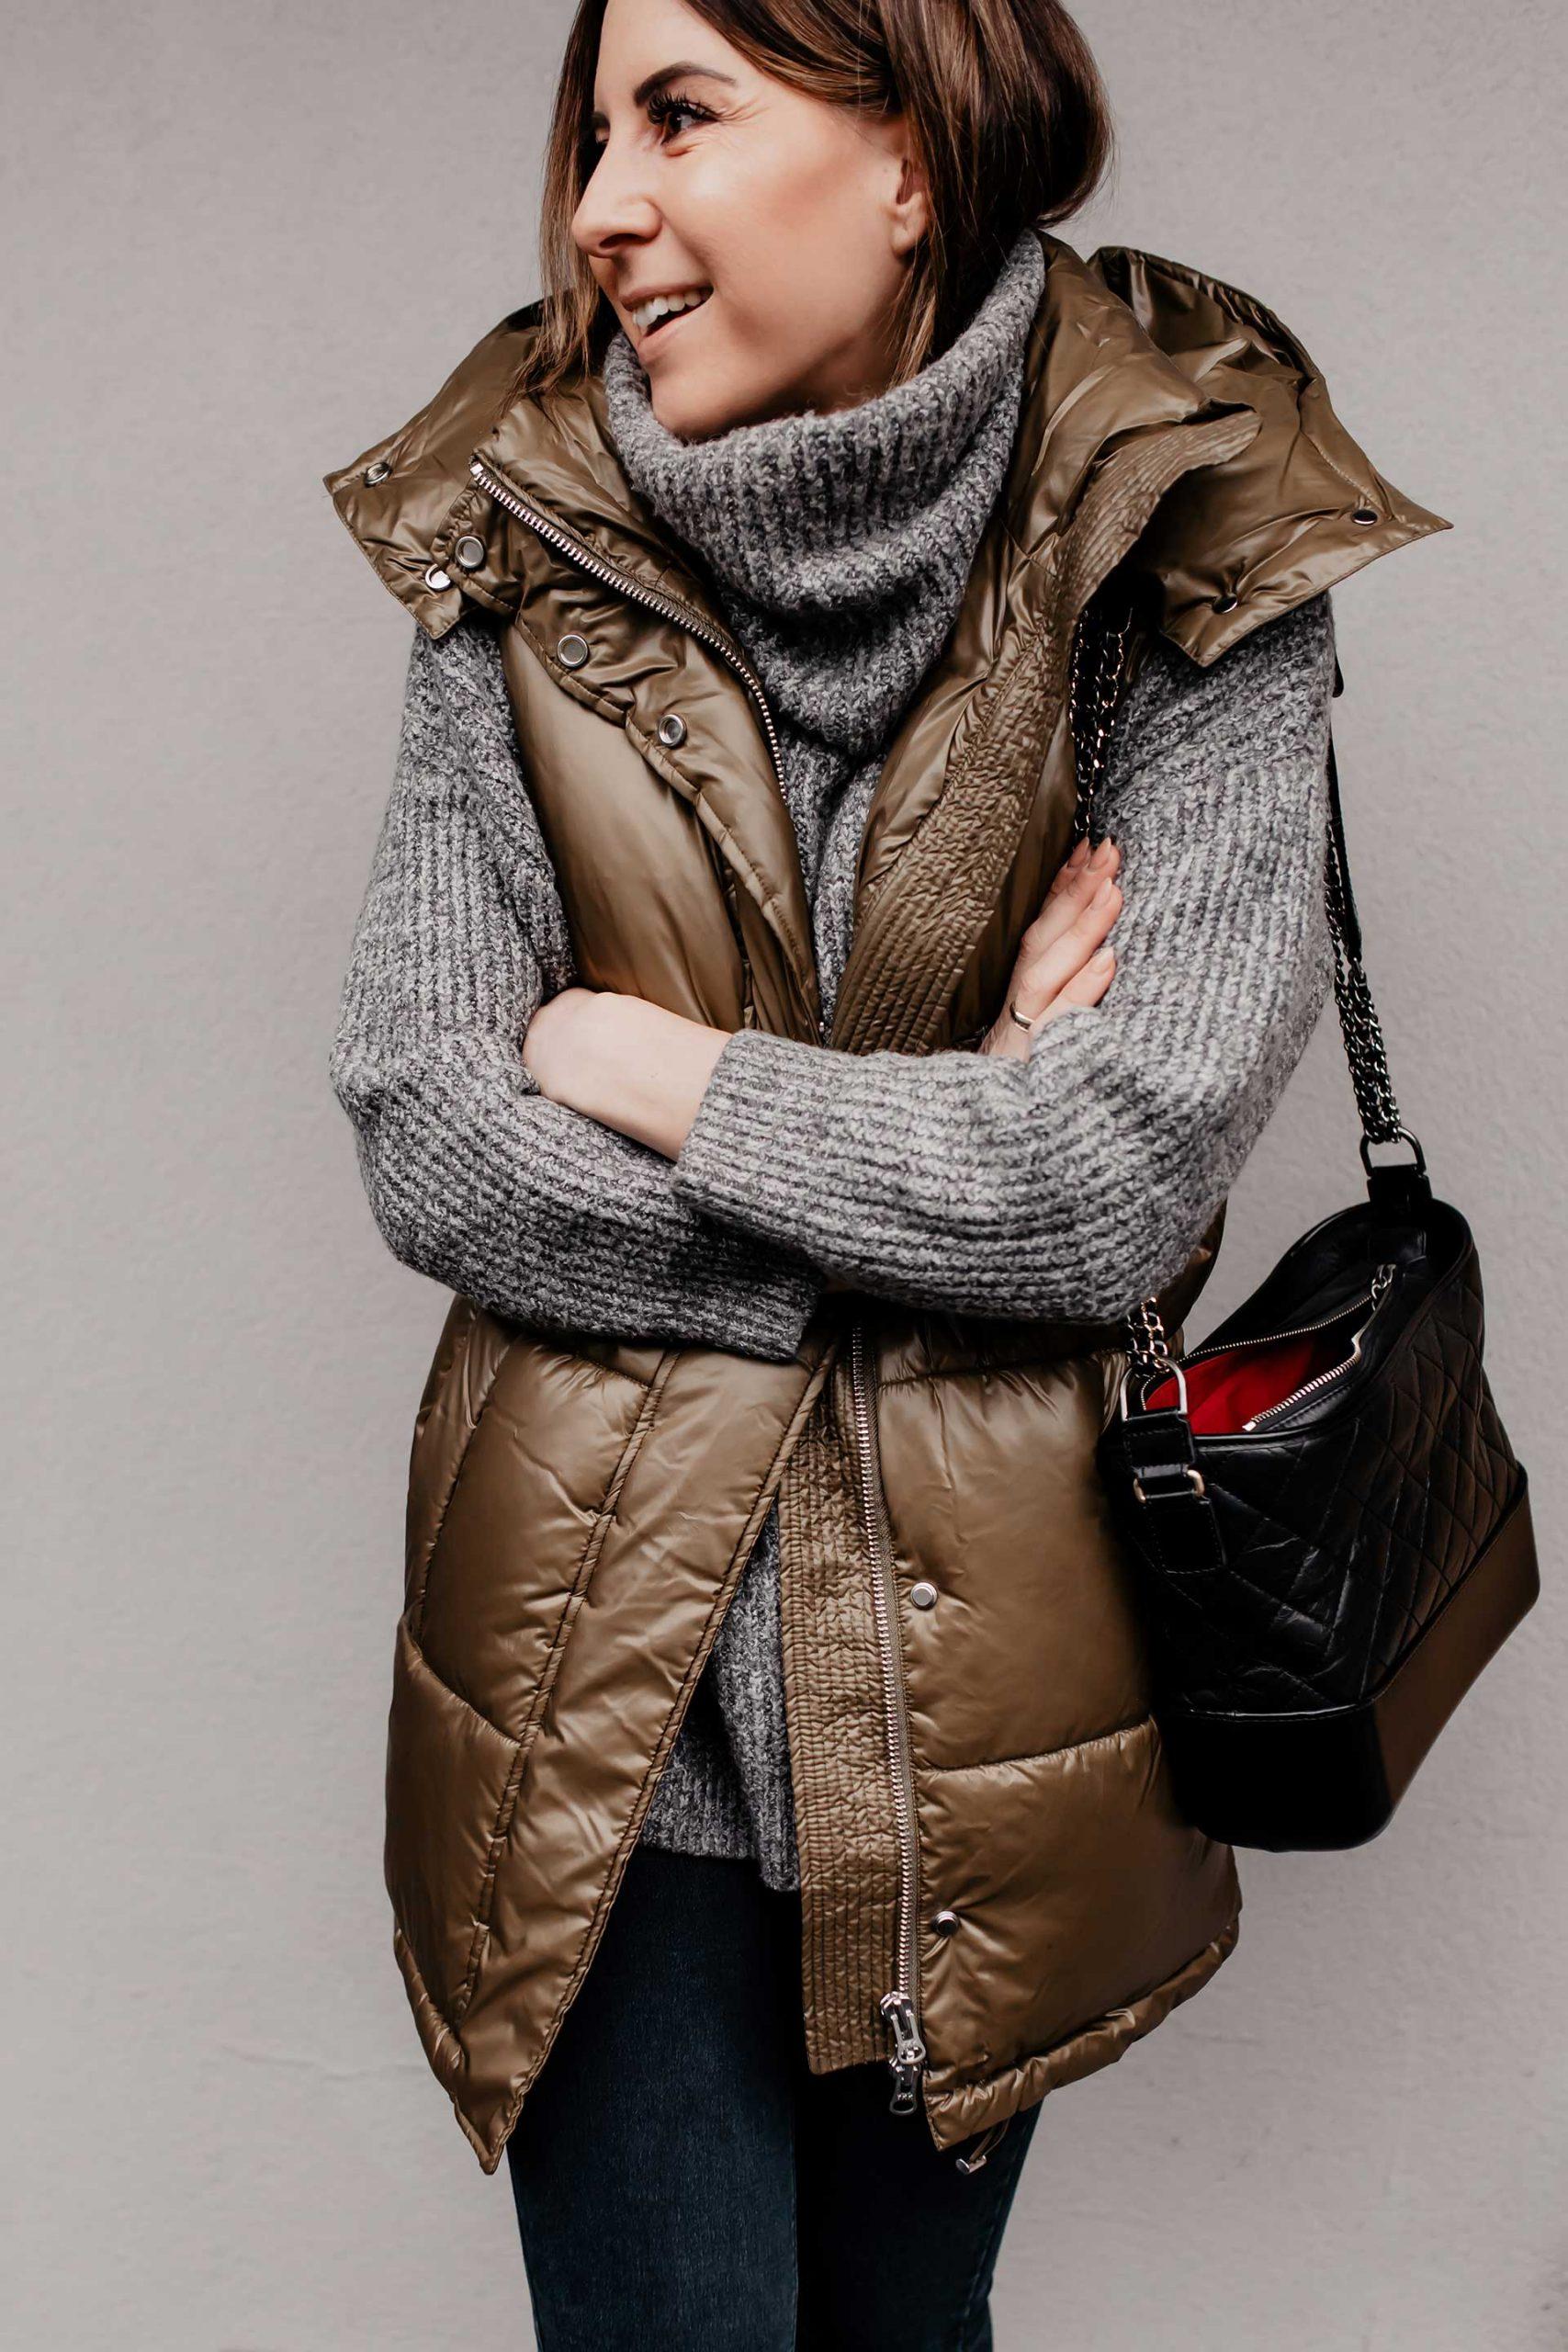 Du willst die schönsten Trends der Wintermode 2019/20 entdecken? Auf meinem Fashion Blog zeige ich dir die aktuellen Wintertrends mit passenden Outfits für kalte Tage. Ich beantworte dir die Was ist im Winter modern Frage und habe on top noch die passenden Shopping-Tipps für dich. www.whoismocca.com #wintertrends #wintermode #modetrends